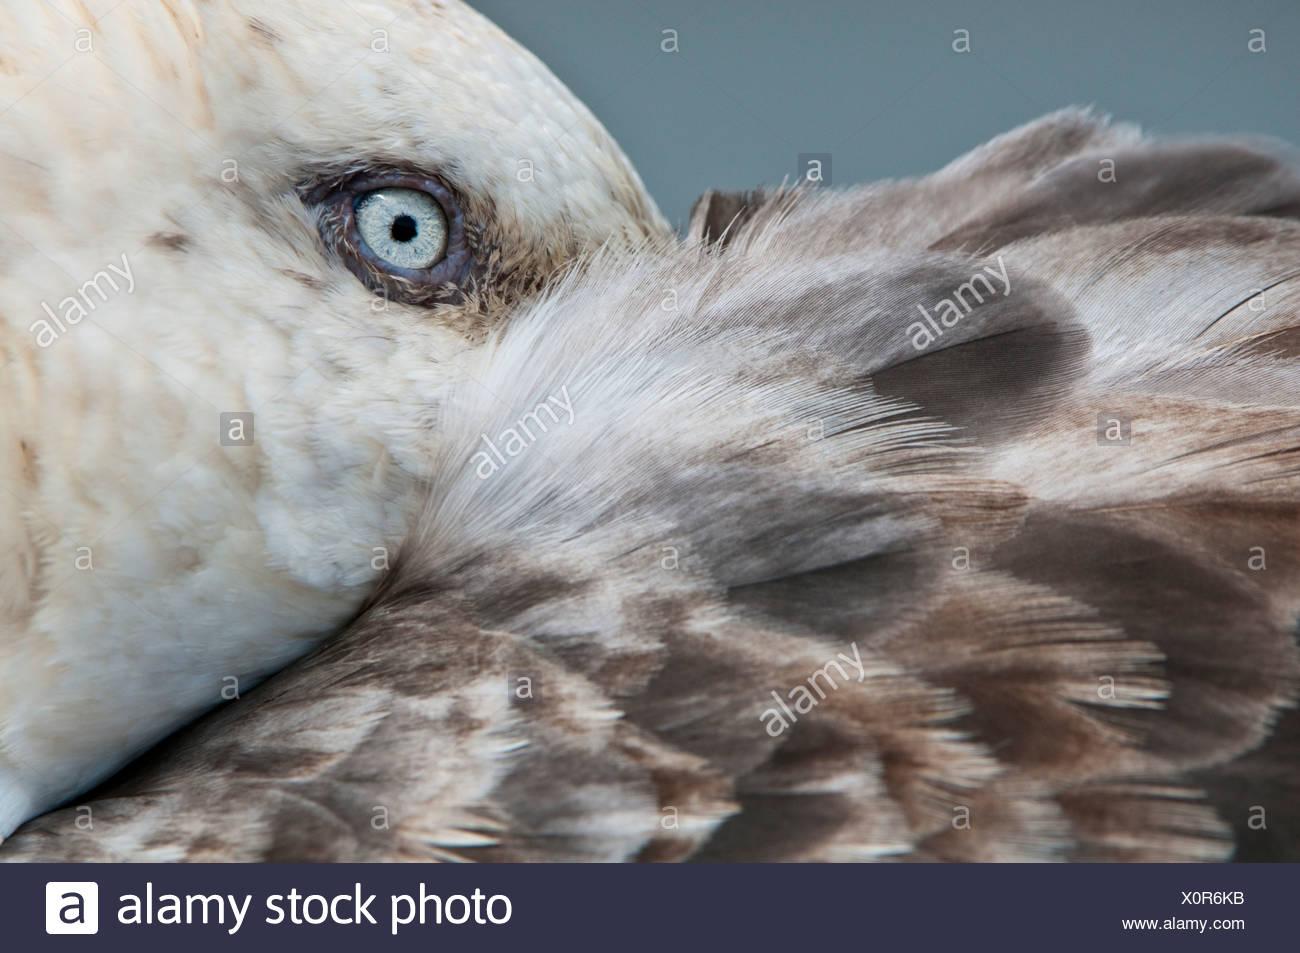 Südlichen Giant Petrel mit Bill versteckt unter seine Fittiche, Stromness, Südgeorgien, Süd-Atlantik ruhen. Stockbild